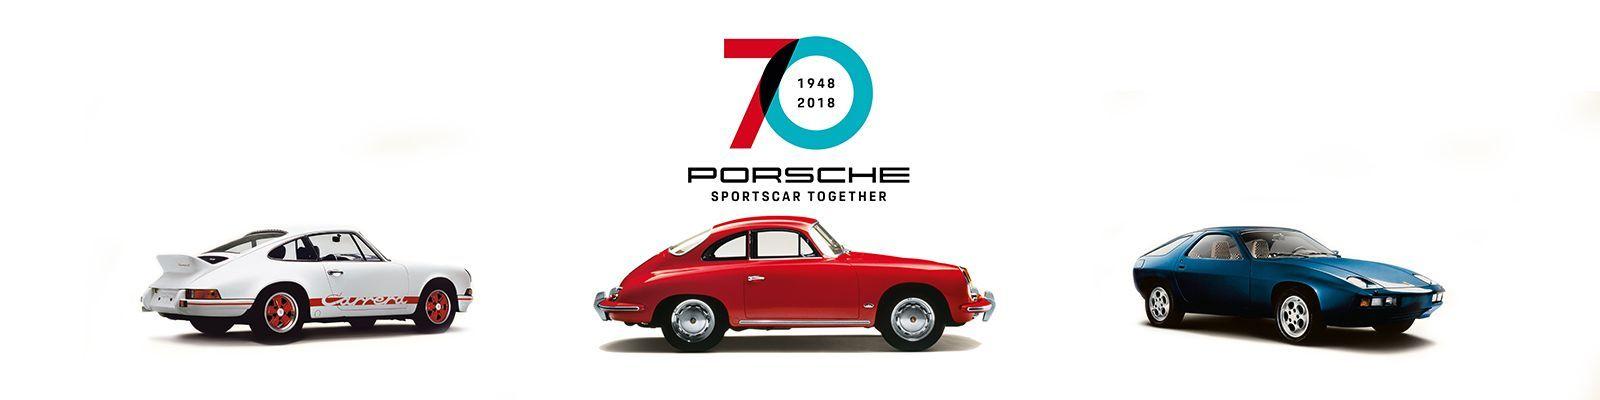 Couverture Les 70 ans de voitures Porsche